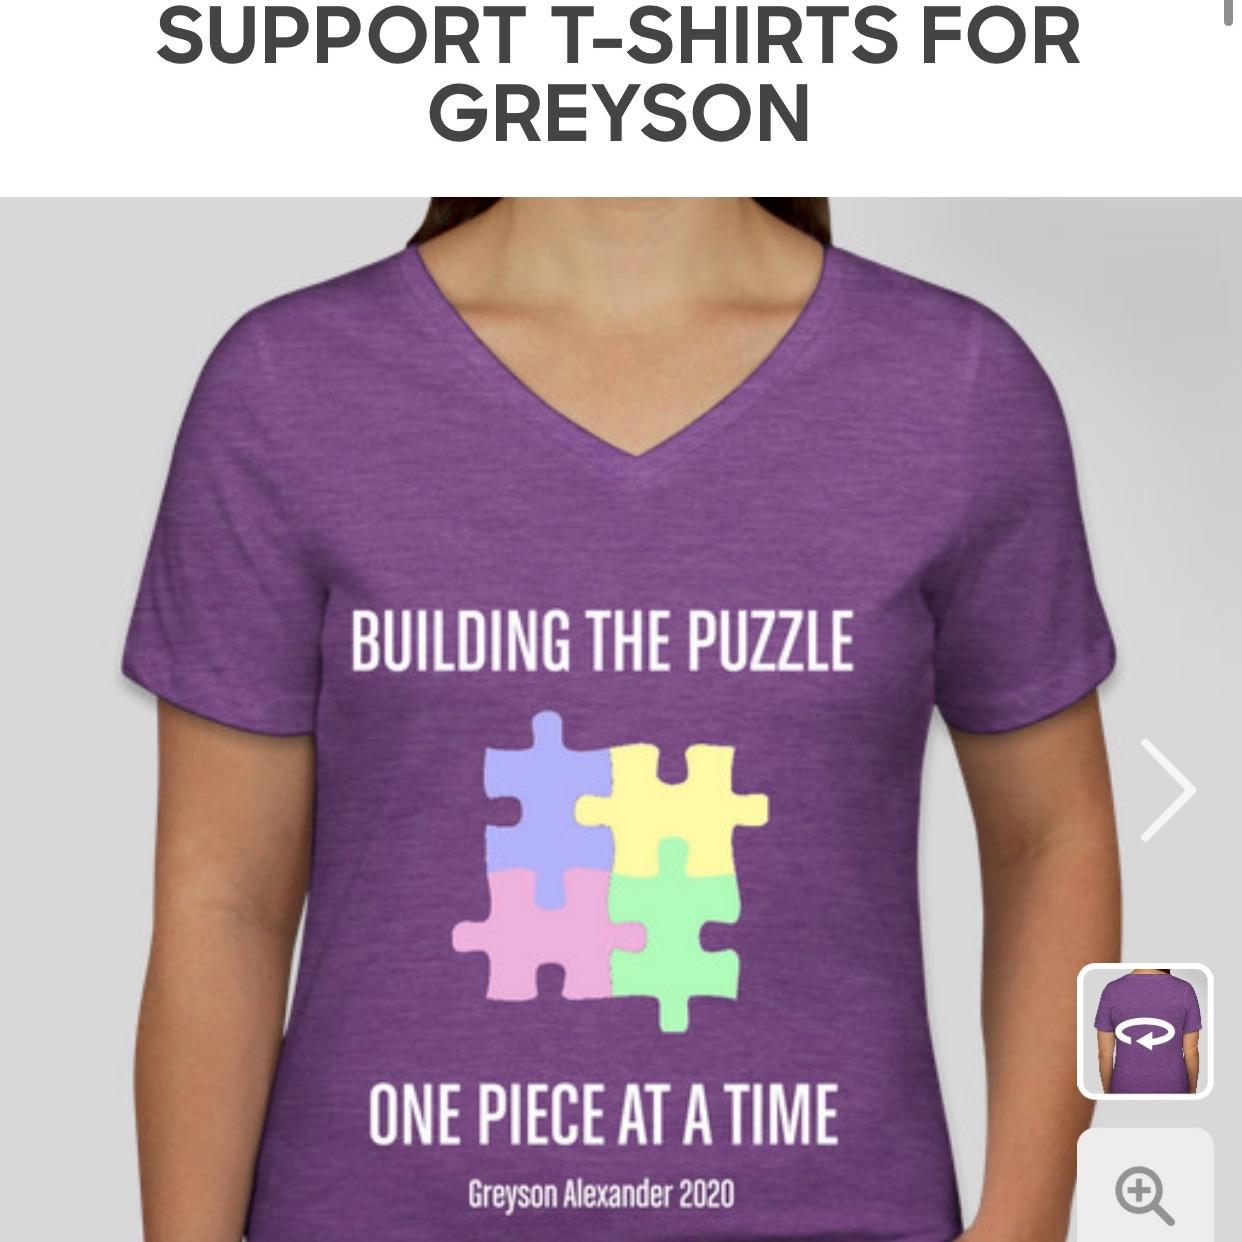 @buildingthepuzzle Autism Awareness T-Shirts Link Thumbnail | Linktree